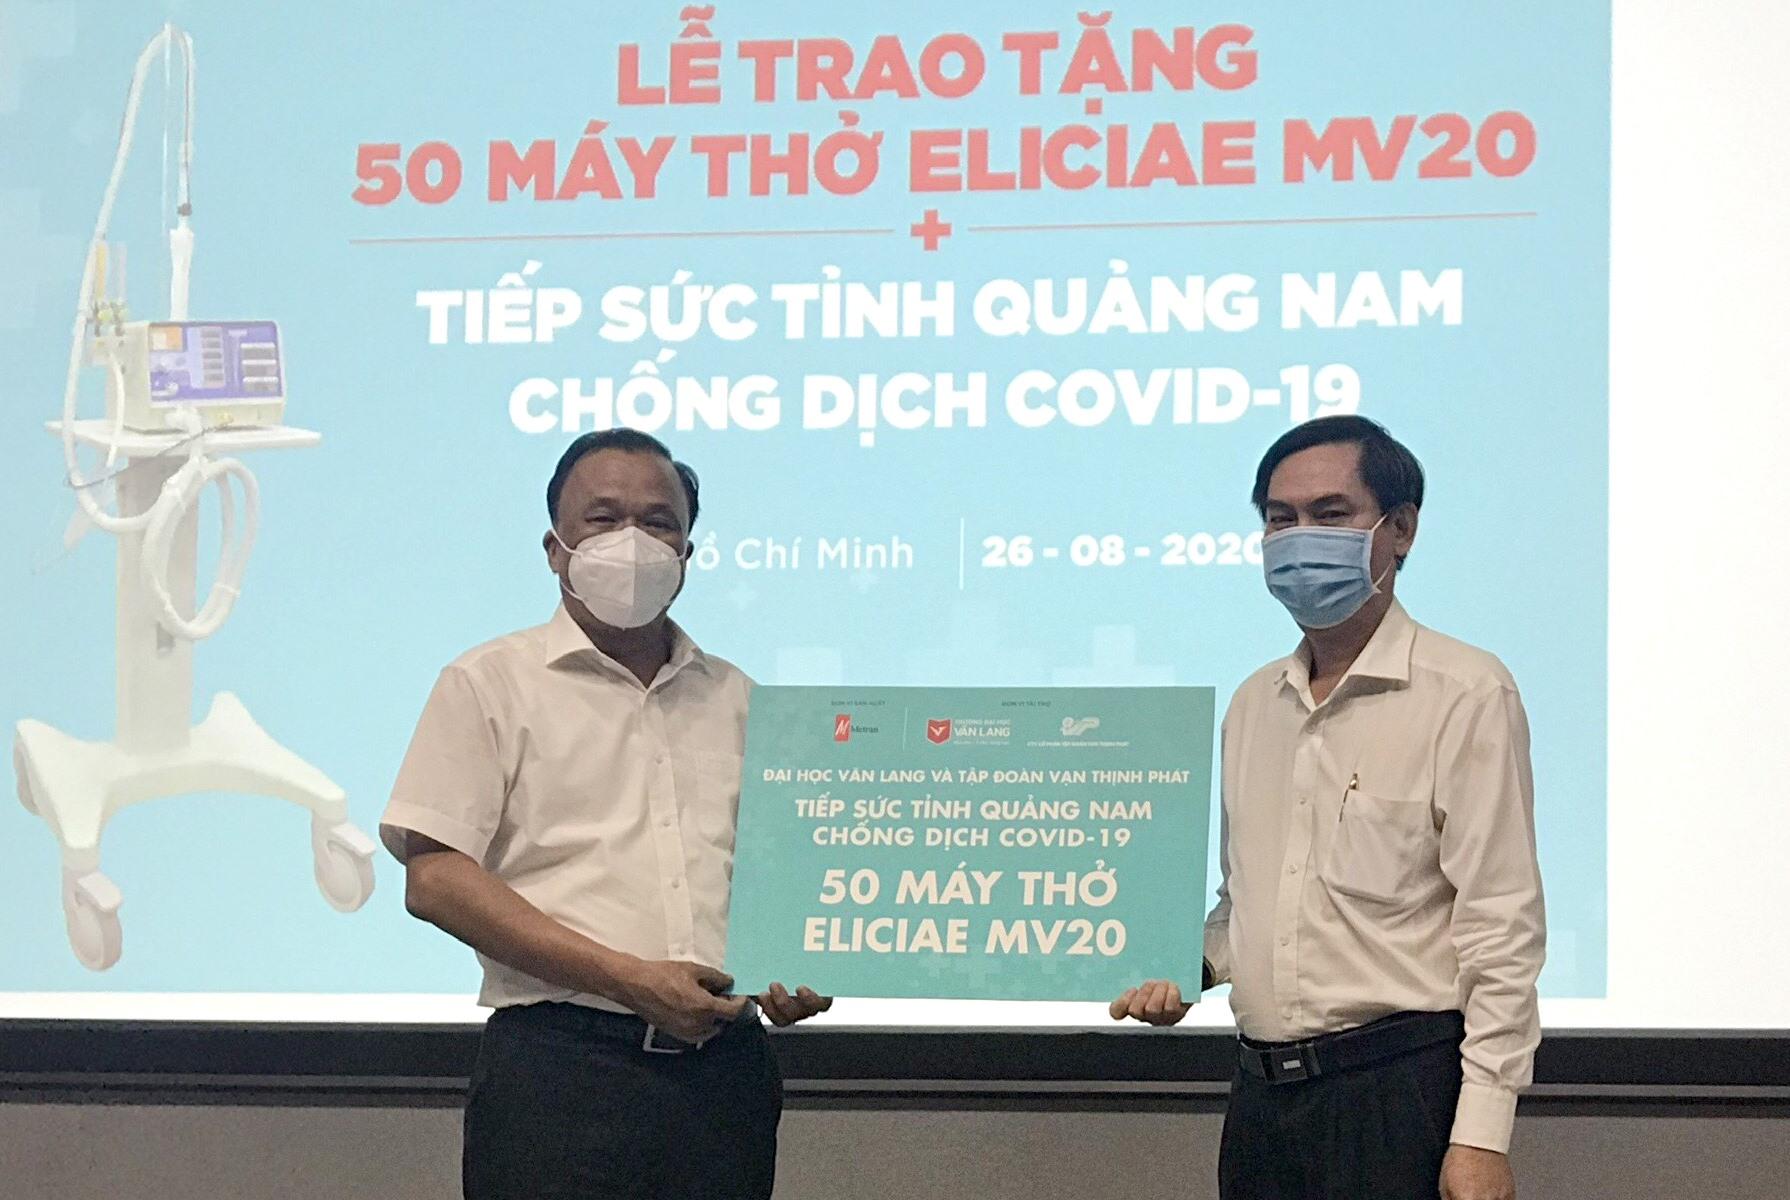 Ông Mai Văn Mười - Phó Giám đốc Sở Y tế (bên trái) tiếp nhận máy thở từ lãnh đạo Trường Đại học Văn Lang. Ảnh: THÙY AN